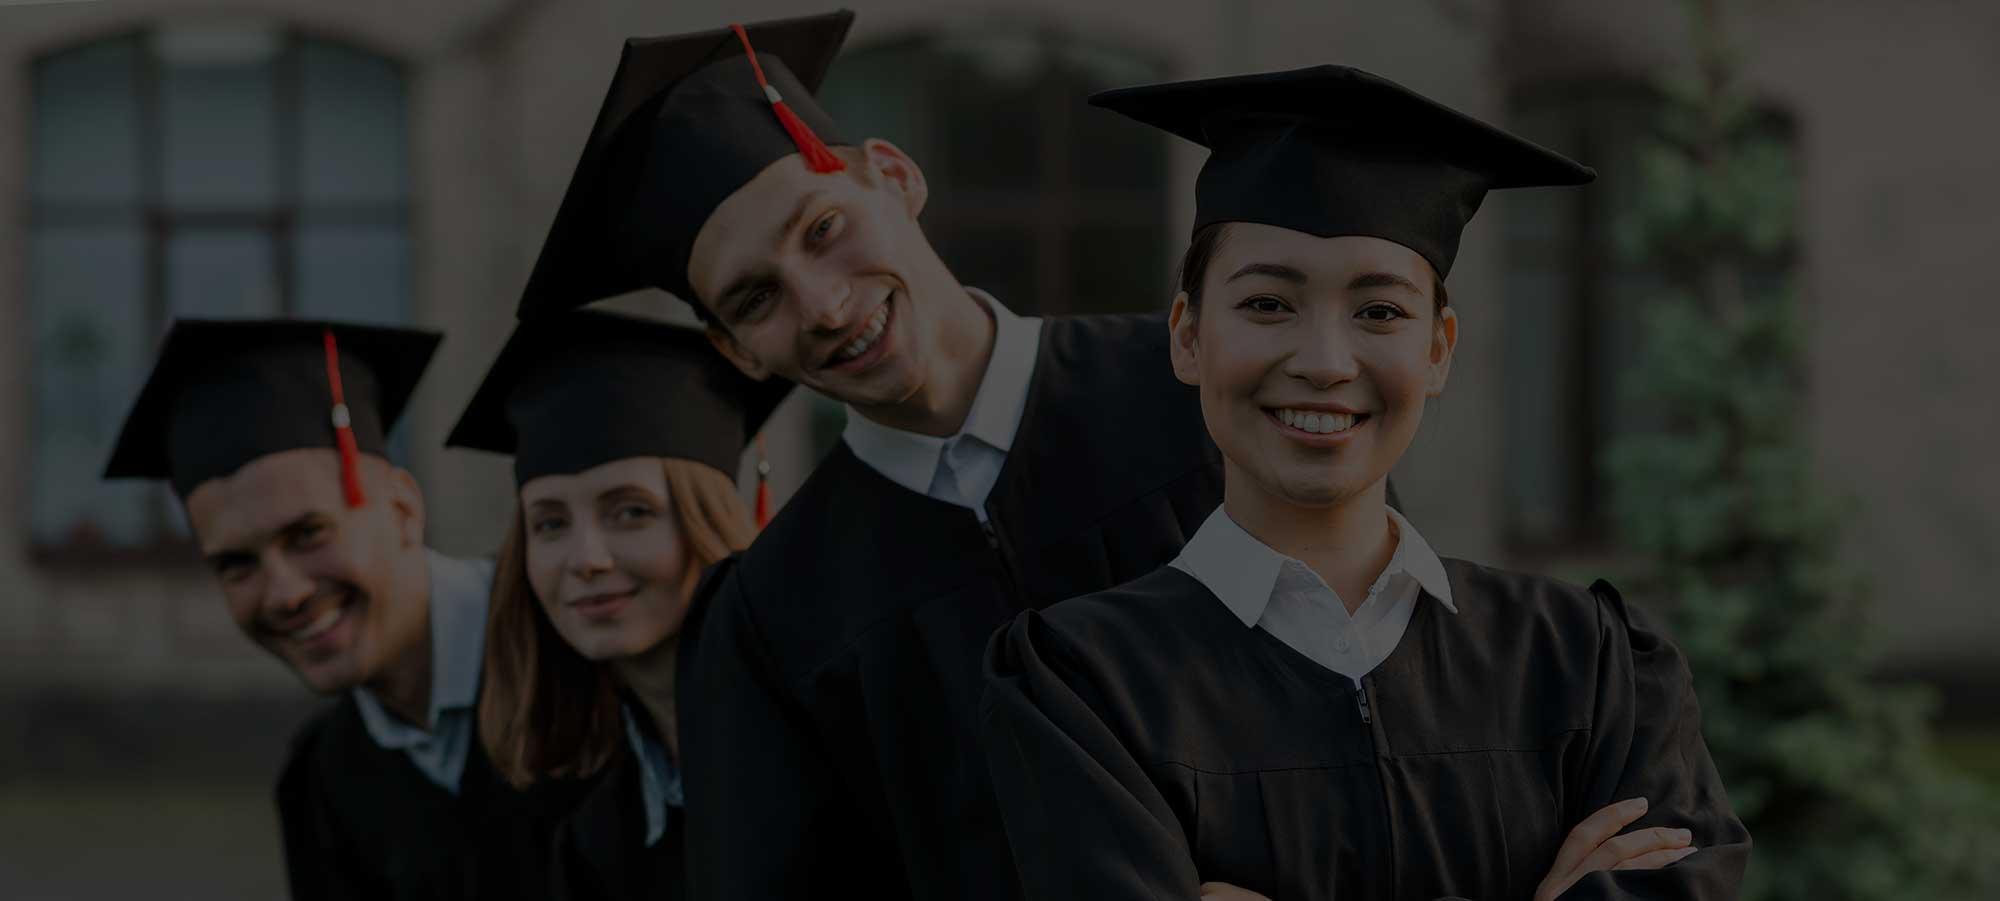 cidaas education